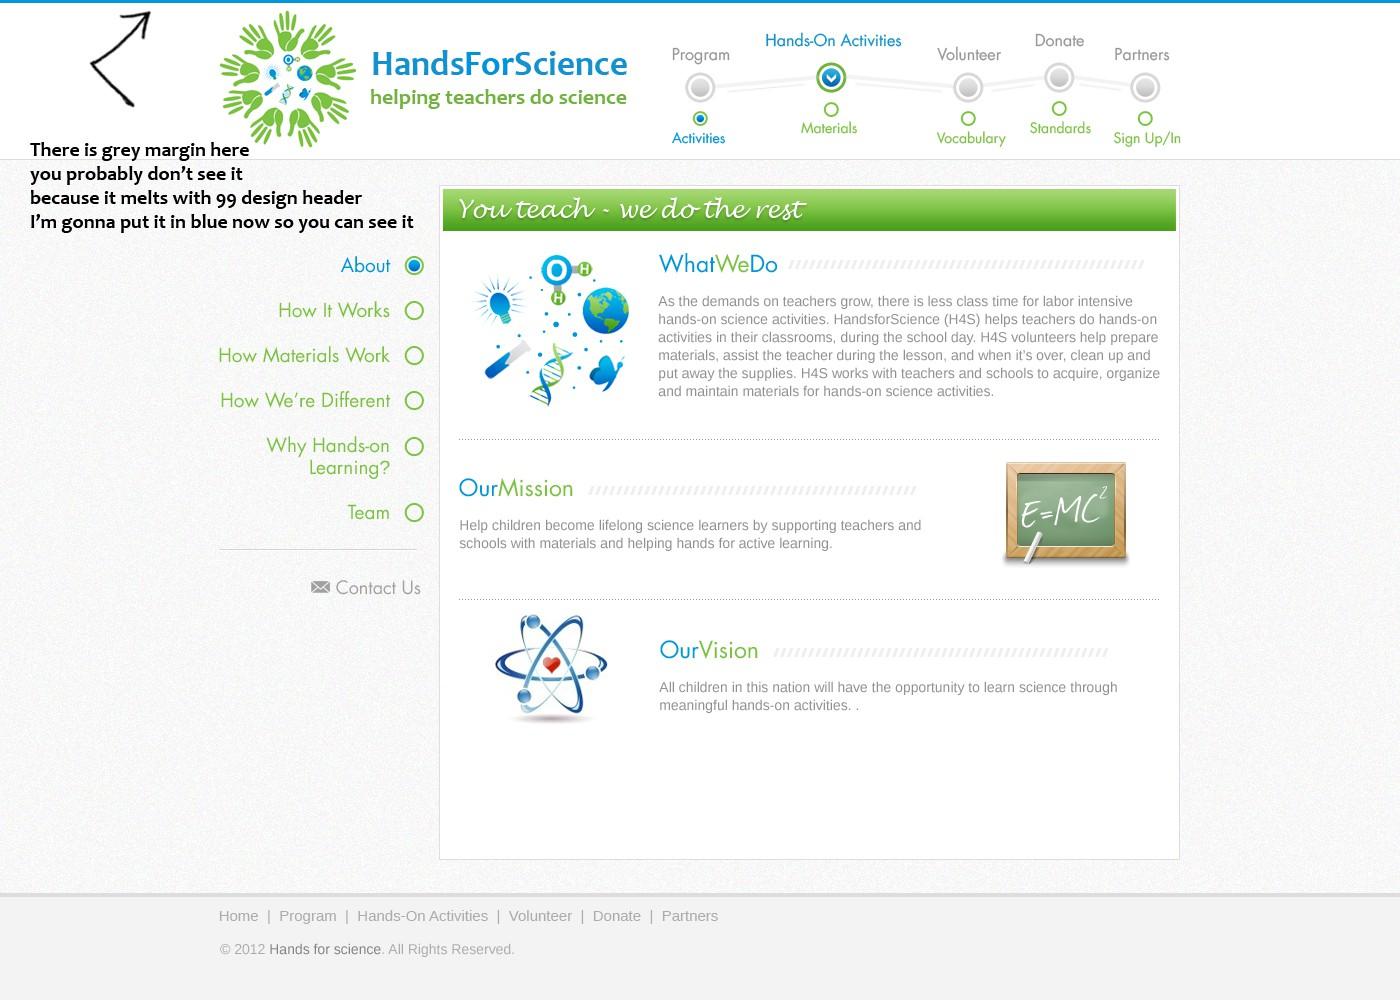 HandsforScience needs a new website design